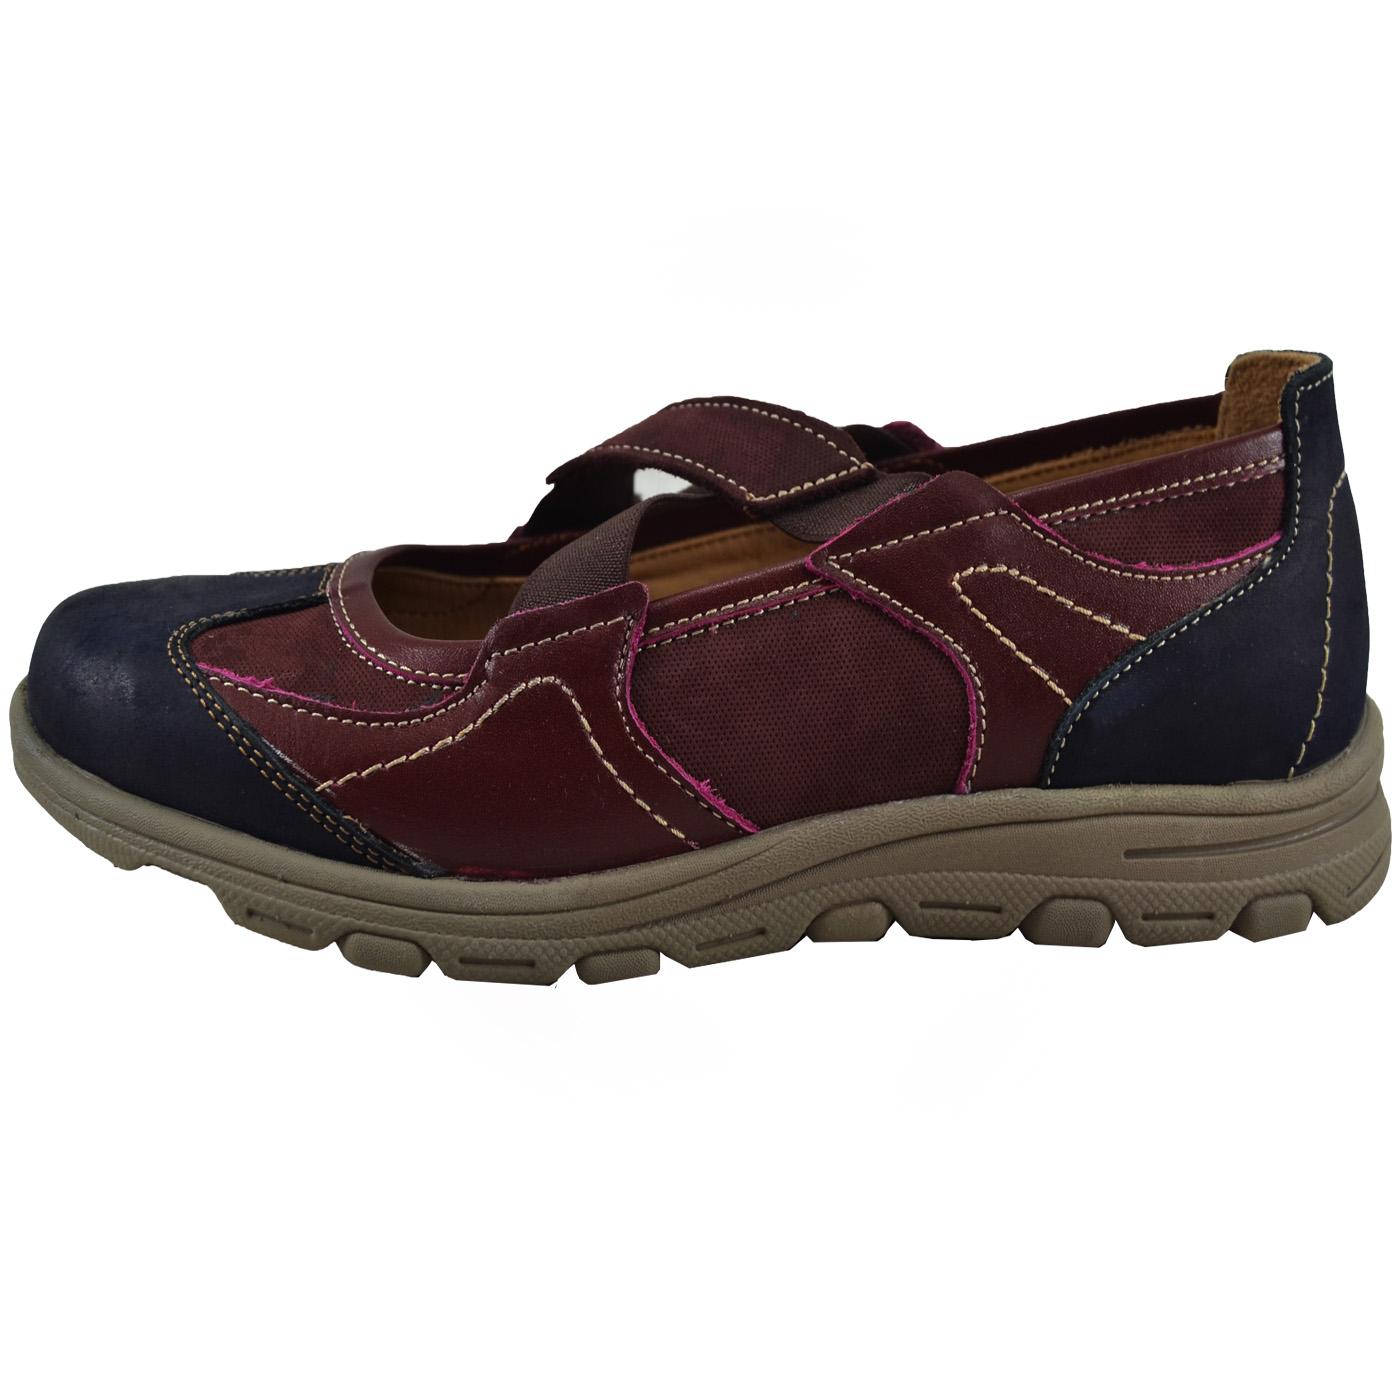 کفش طبی زنانه کد 560